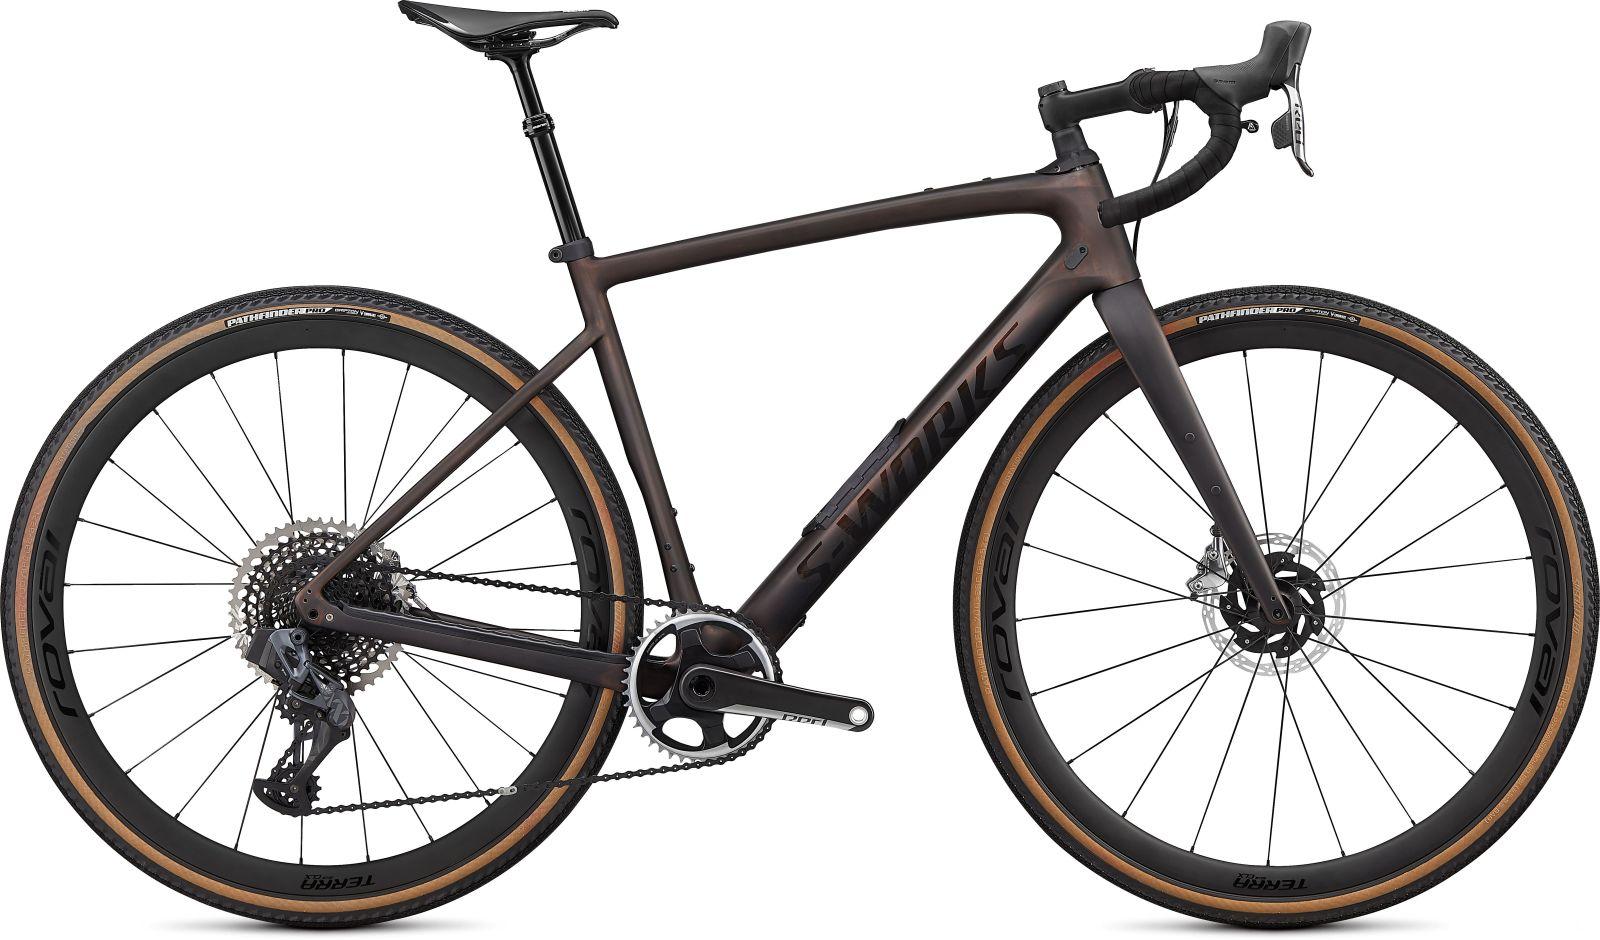 Specialized Diverge S-Works Carbon Etap -Satin Carbon/Color Run Pearl/Chrome/Clean 58